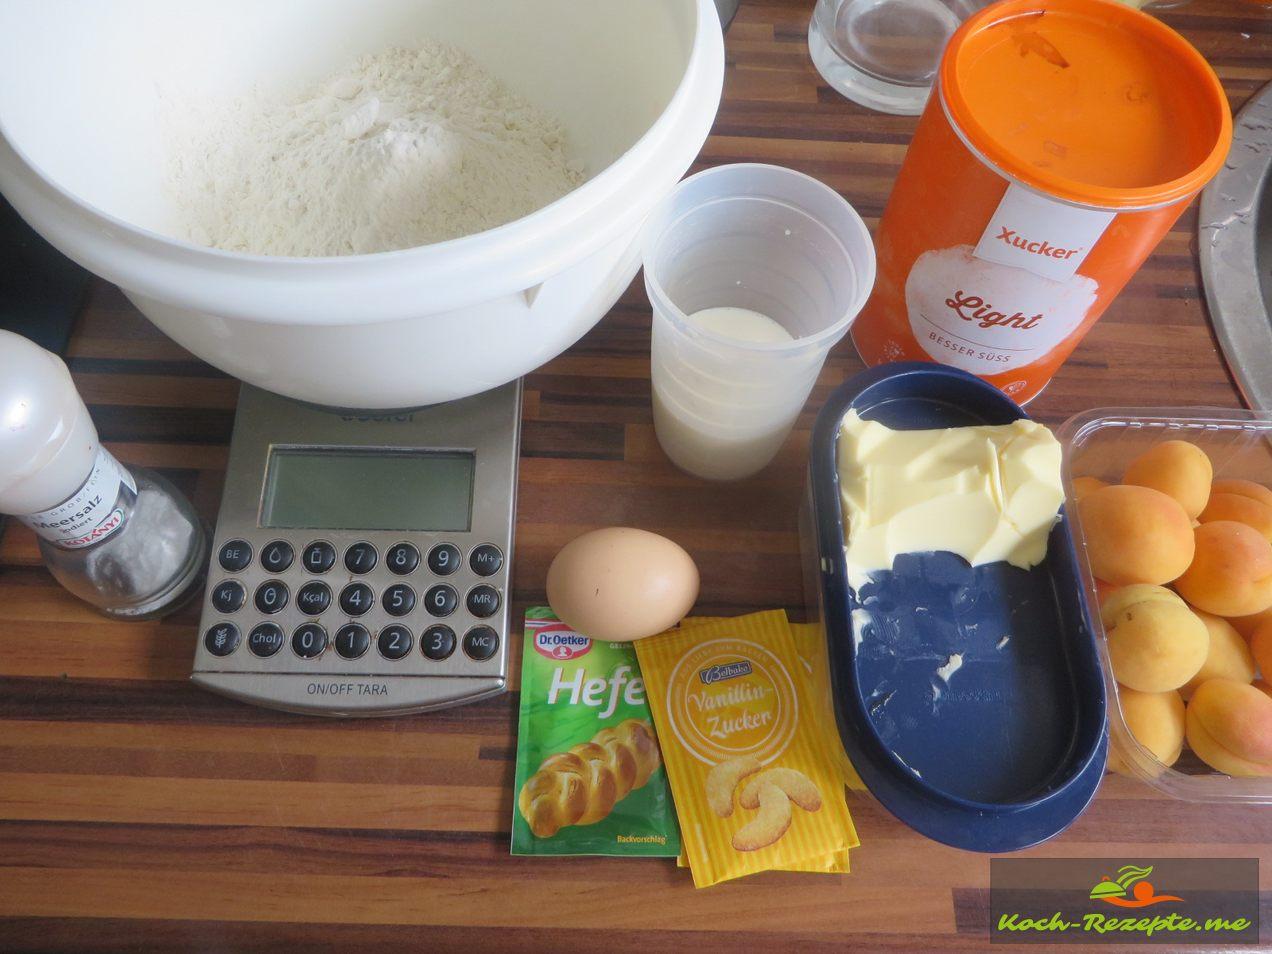 Zutaten für den Marillenknödel: 125 ml warme Milch 20 g weiche Butter 1 Ei Zimmertemperatur 25 g Xucker (Zucker) 10 g Vanillezucker